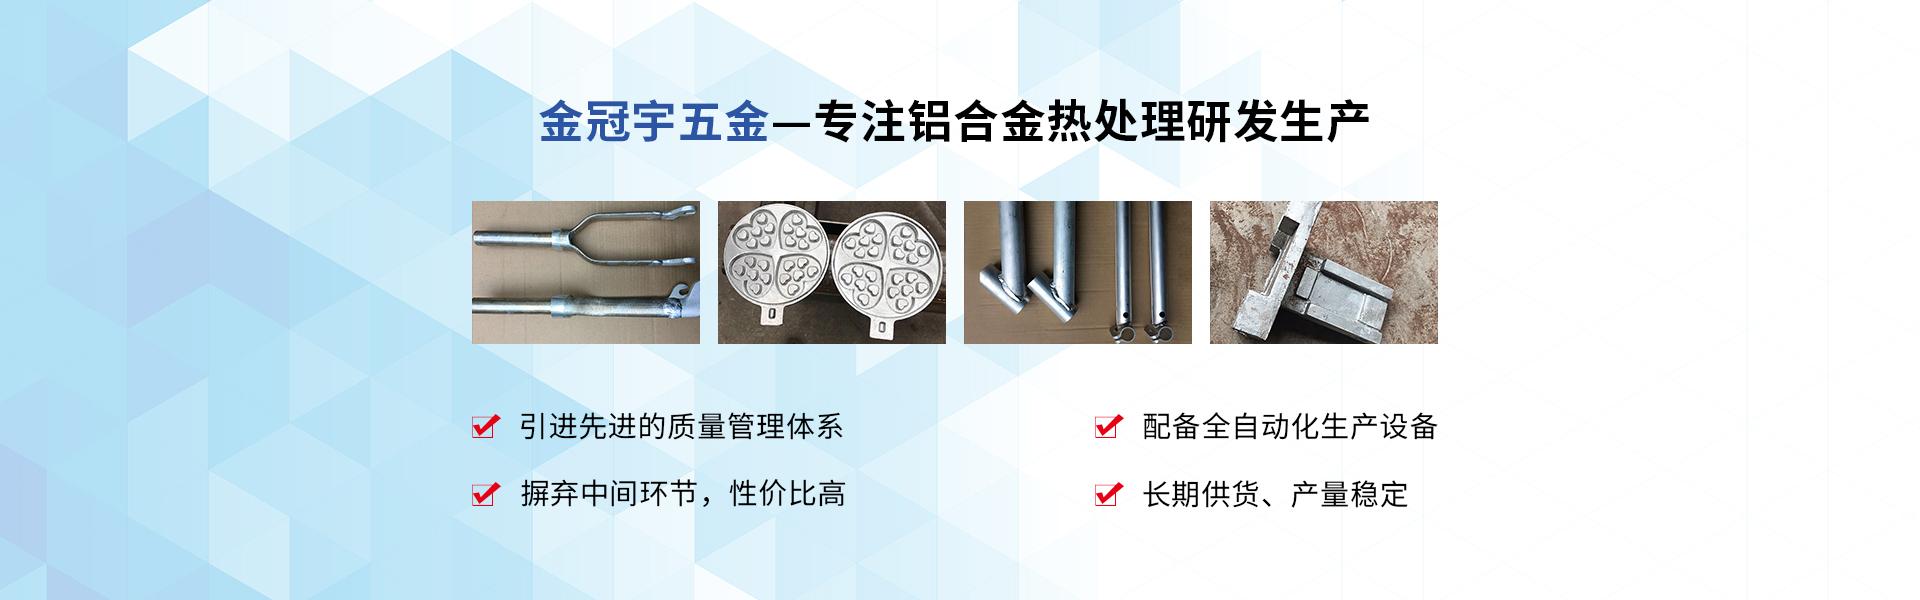 铝合金锻造热处理